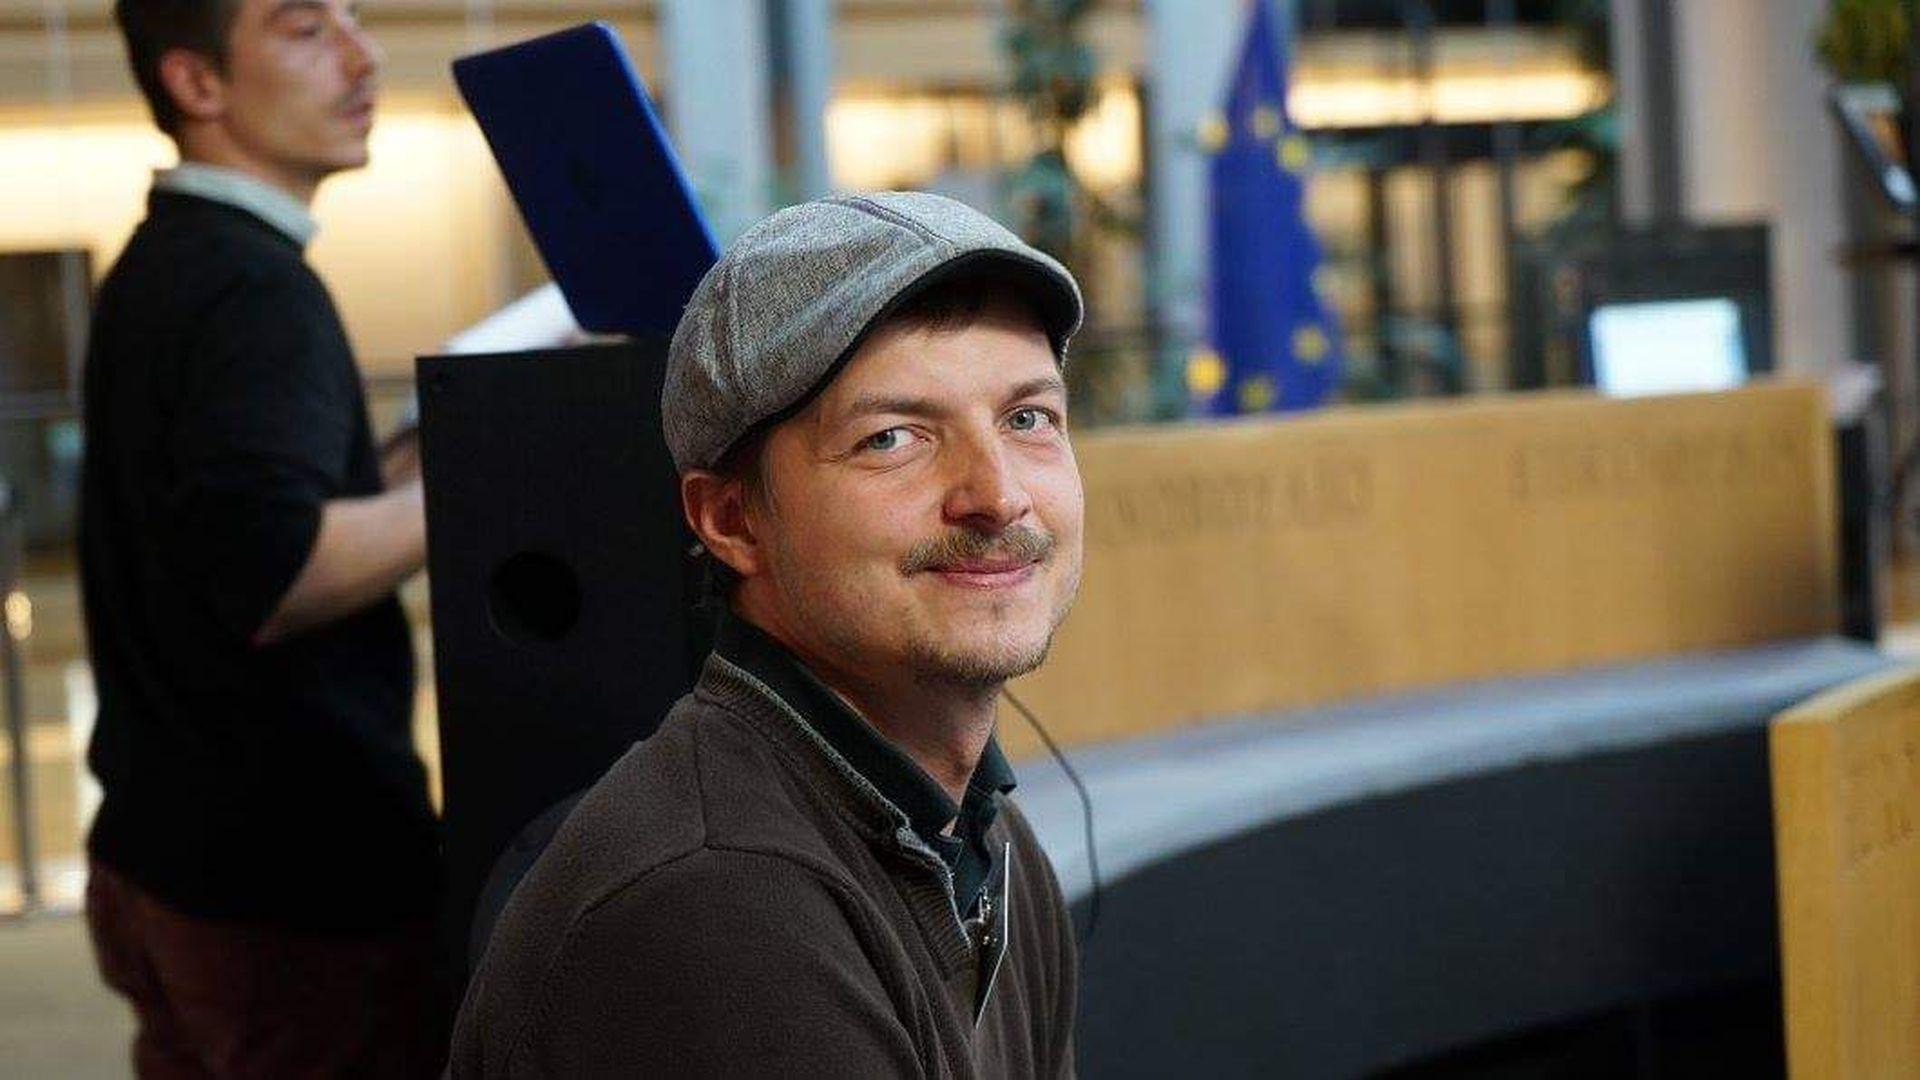 Nie żyje Polak ranny podczas strzelaniny w Strasburgu – Bartosz Niedzielski